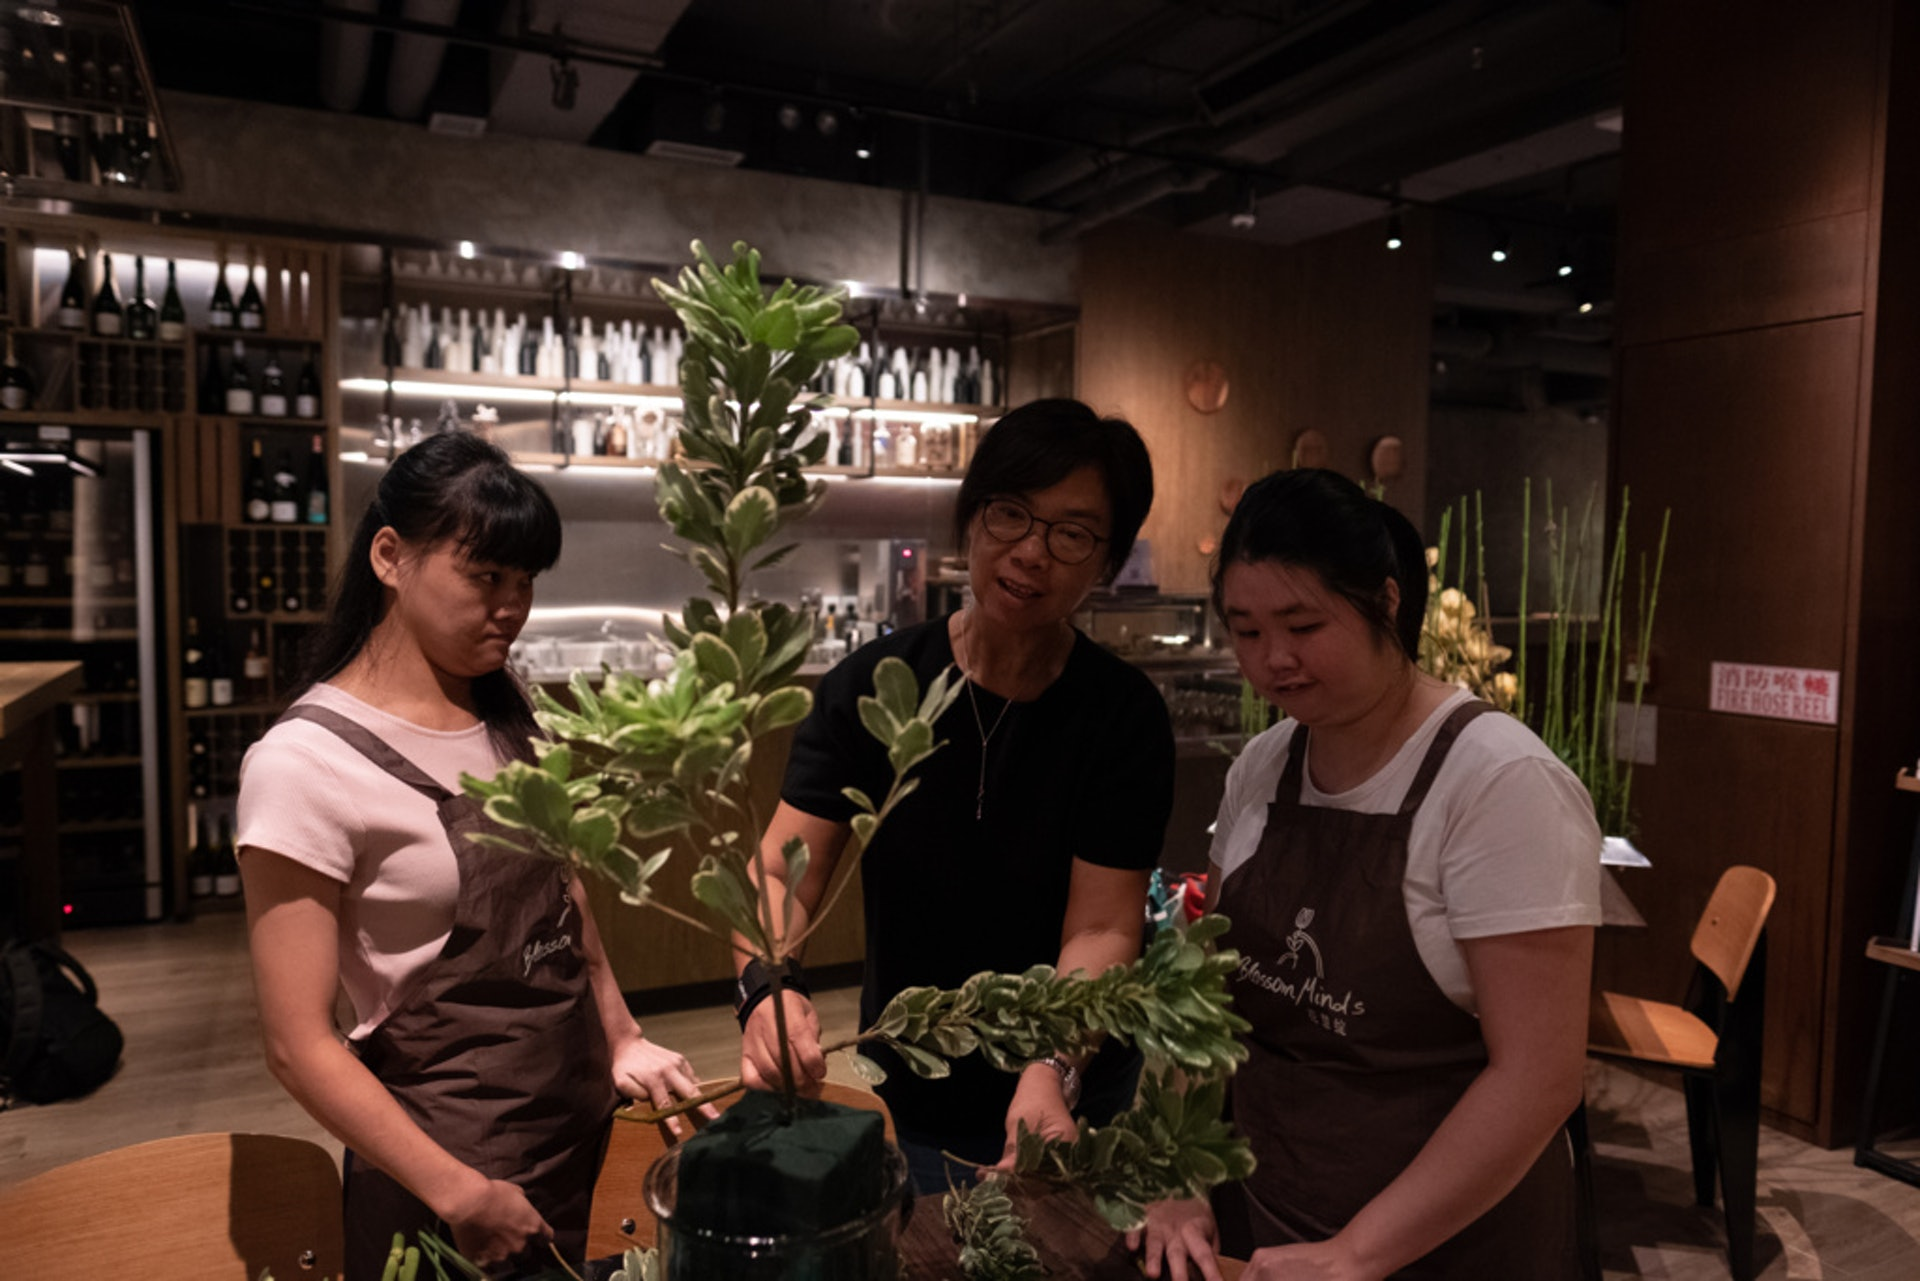 馮玉玲有時會加入指示,請她們留意花樣和插法,畢竟她們只學花藝大半年。